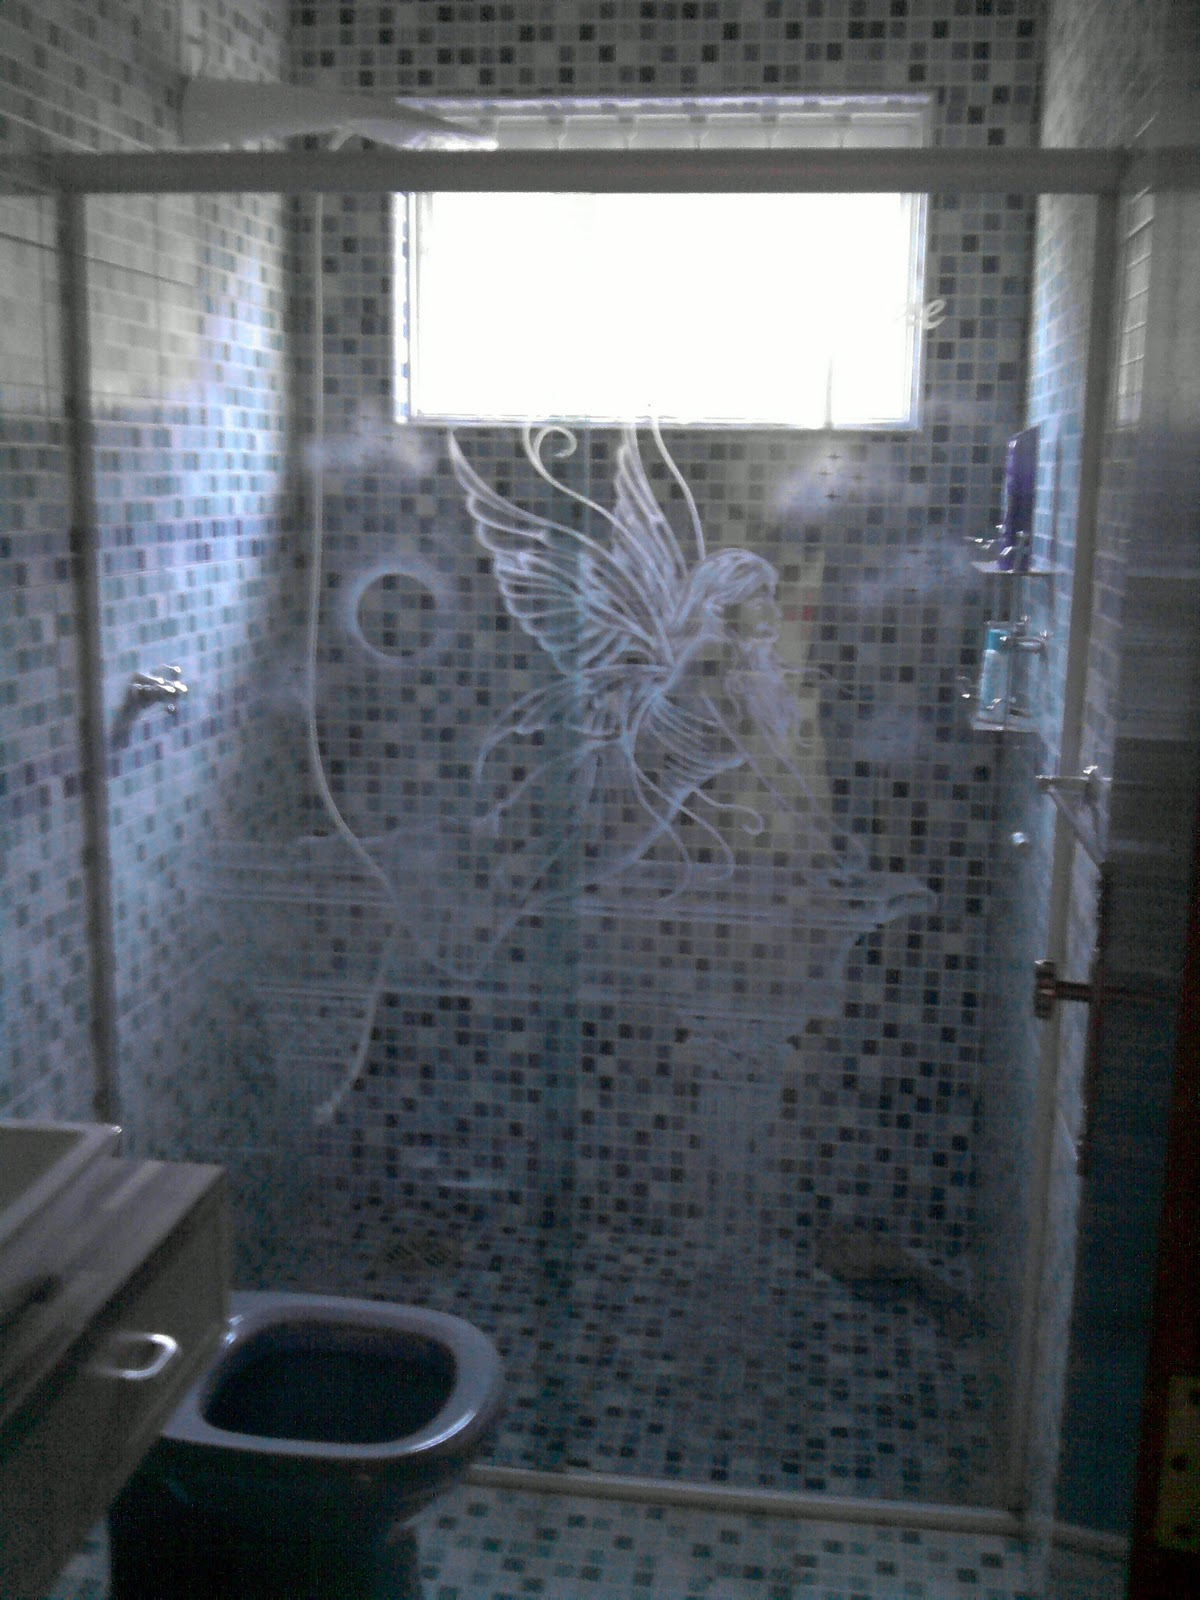 Imagens de #415E8A Vavá Vidros e Decorações: BOX DESENHADO COM JATO 1200x1600 px 2710 Box Banheiro Quadrato